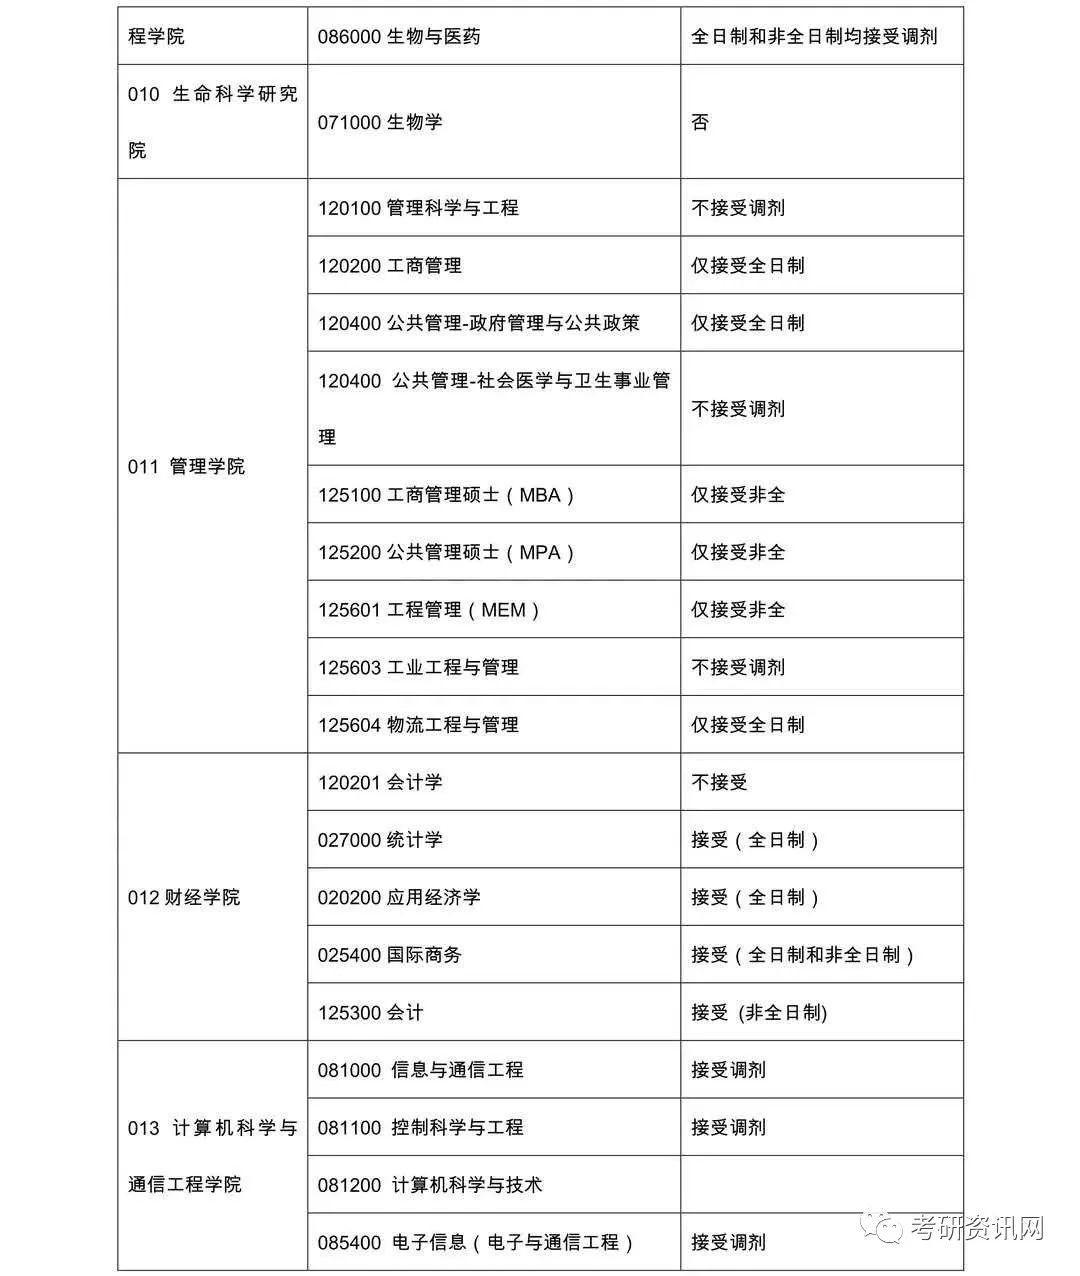 沈阳医学院_院校信息_中国研究生招生信息网